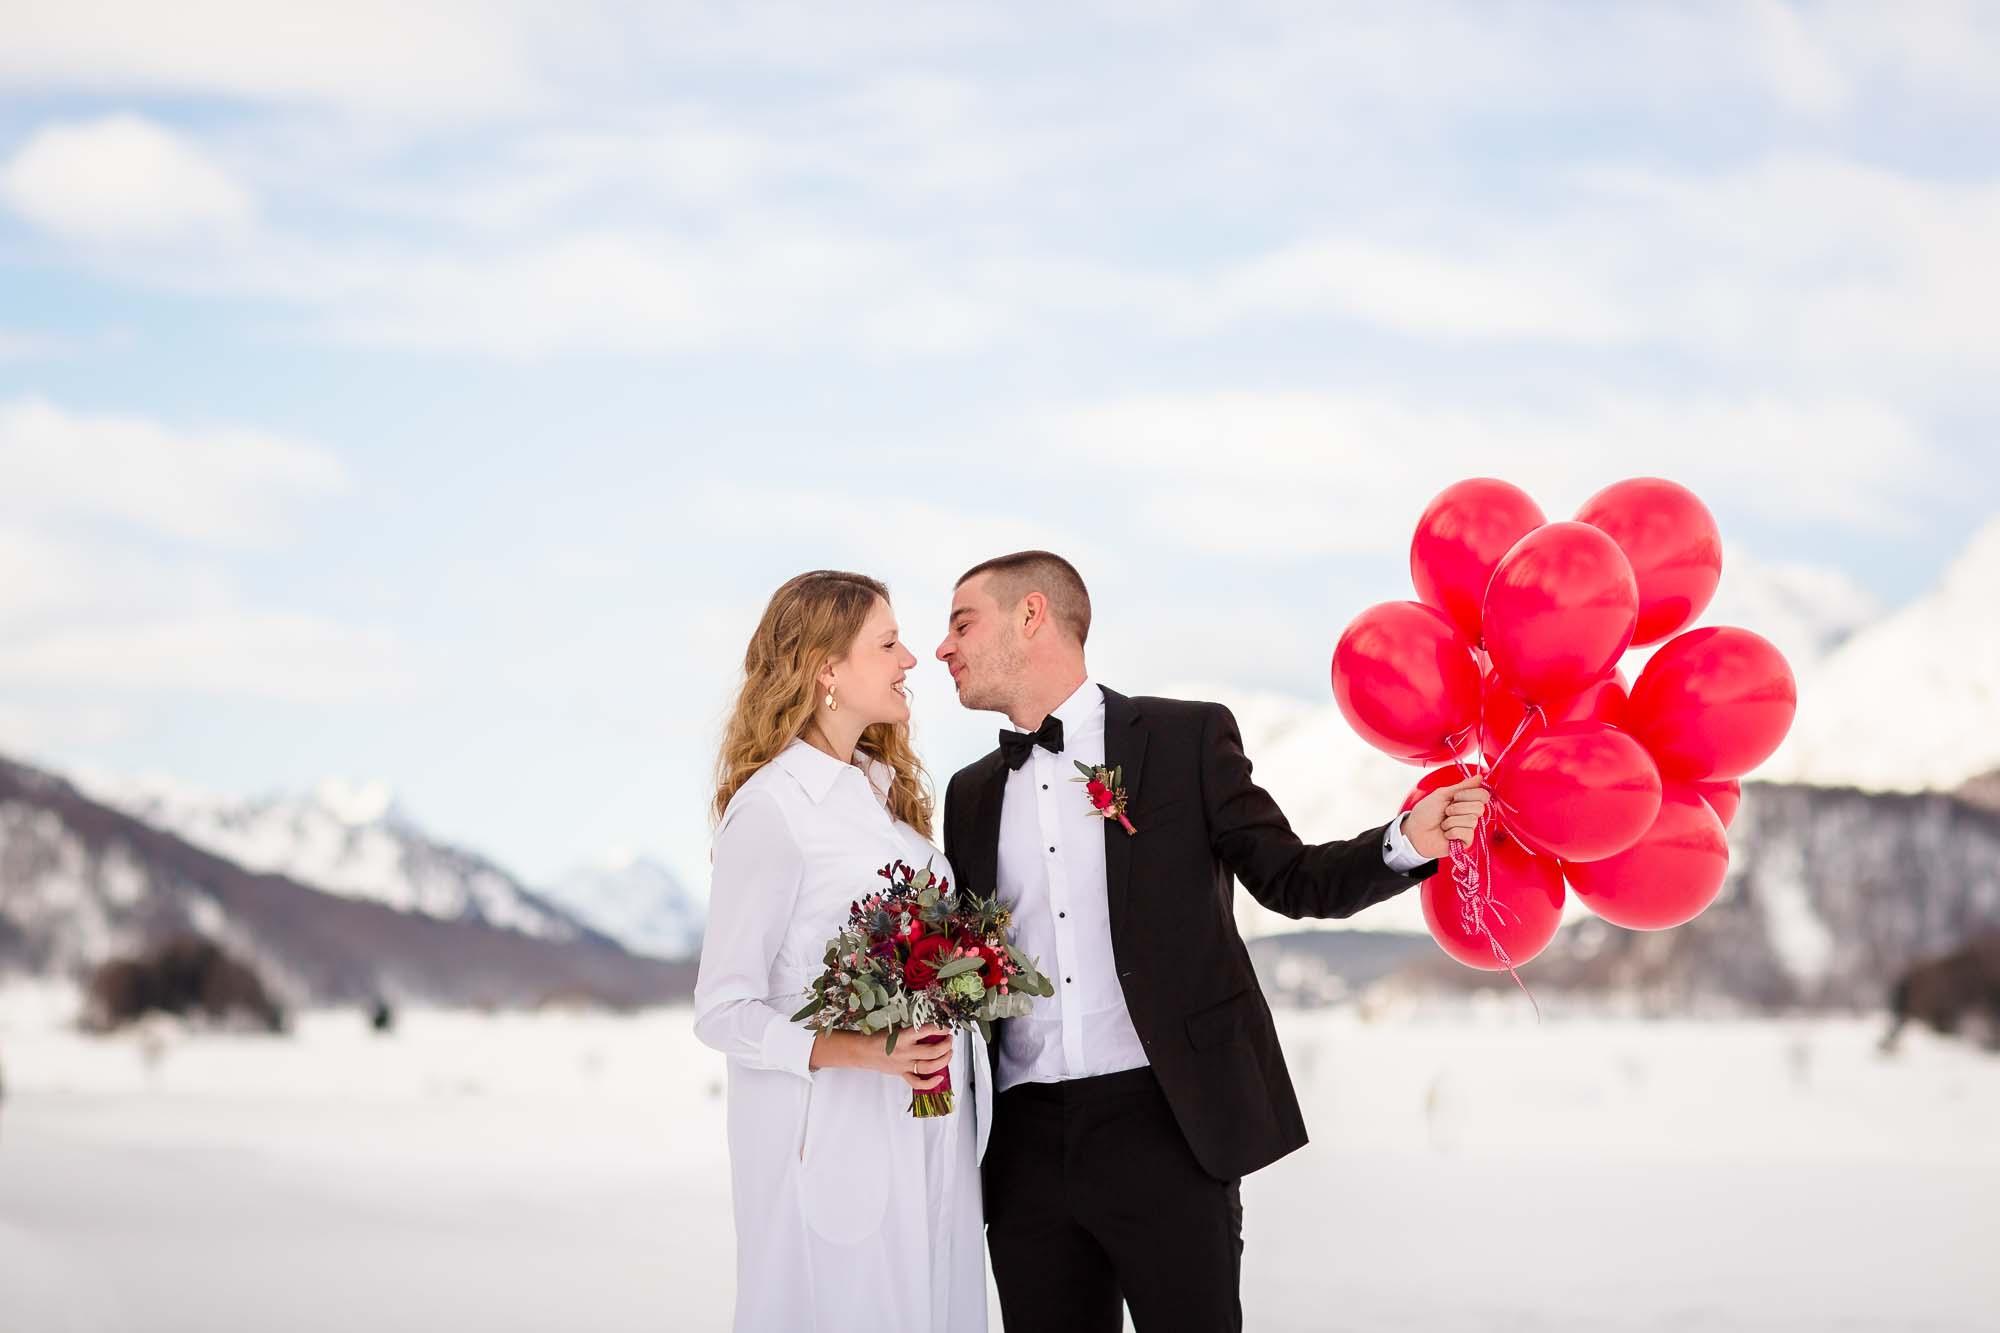 Hochzeitsfotograf St. Moritz und Sils